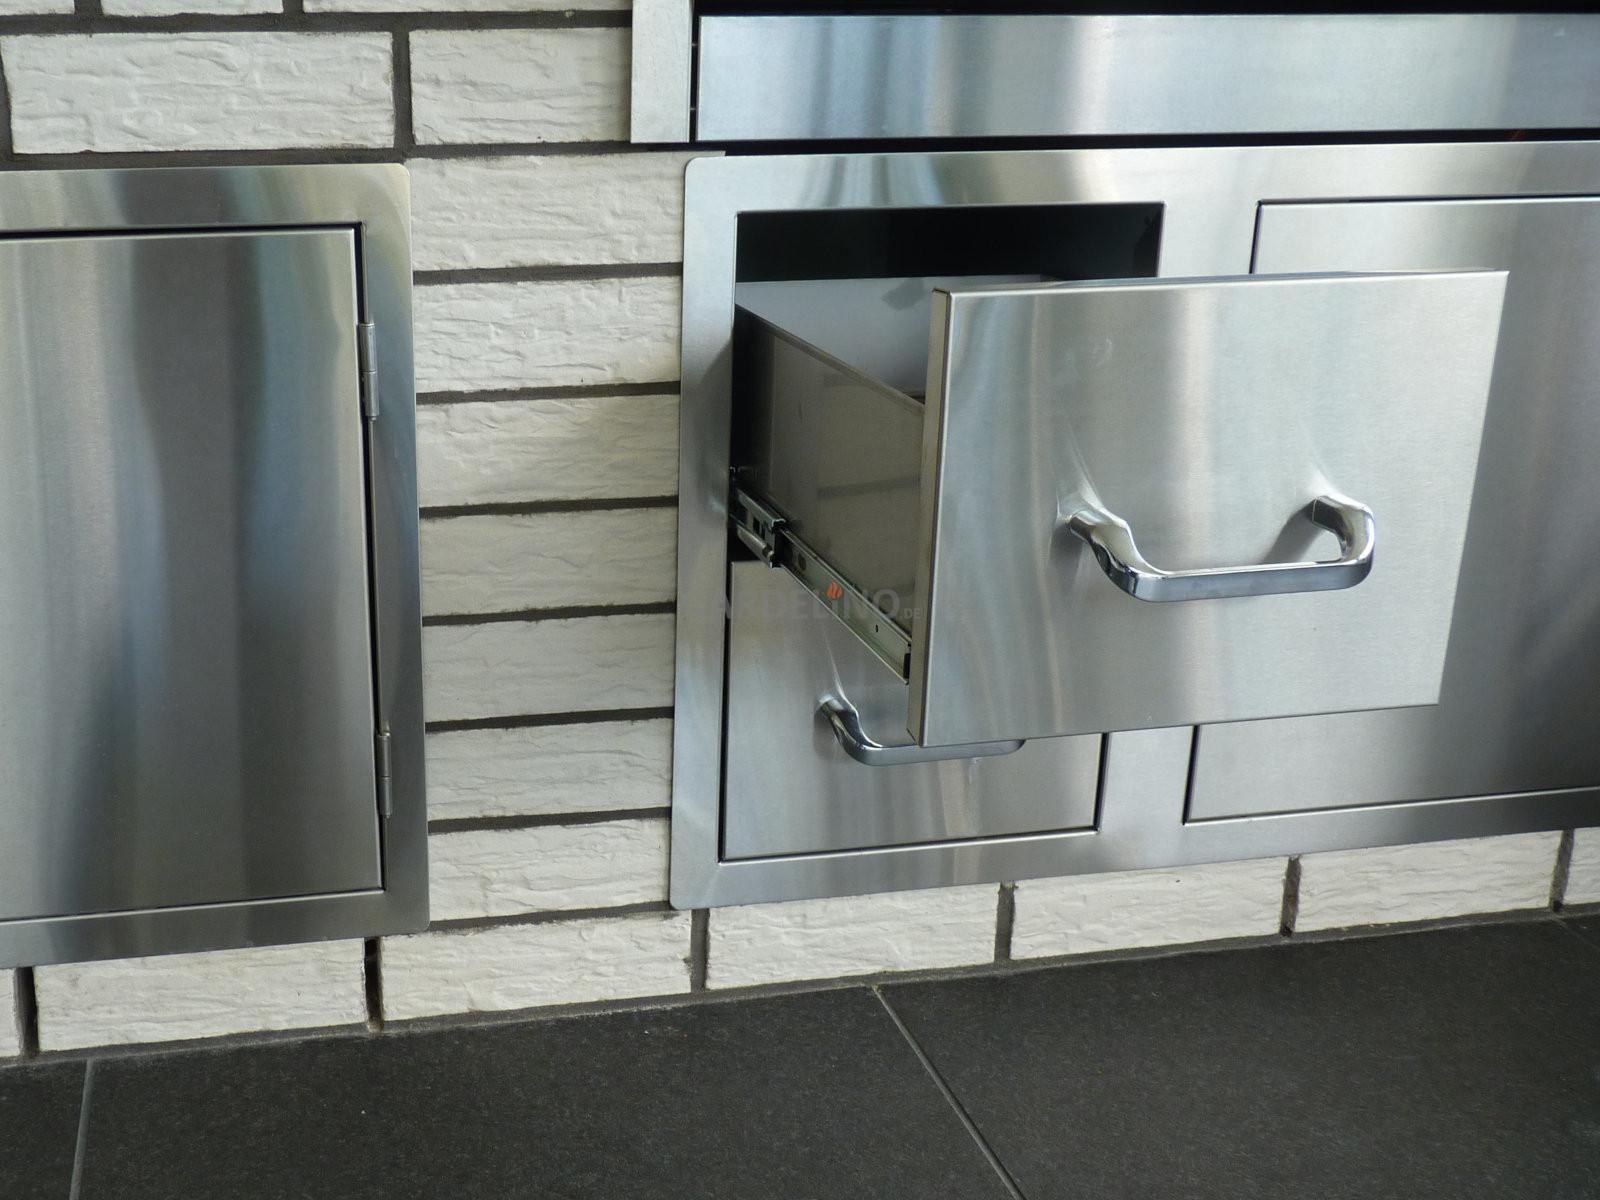 Edelstahl Tür Outdoor Küche : Beefeater grill im outdoor küchen profi shop